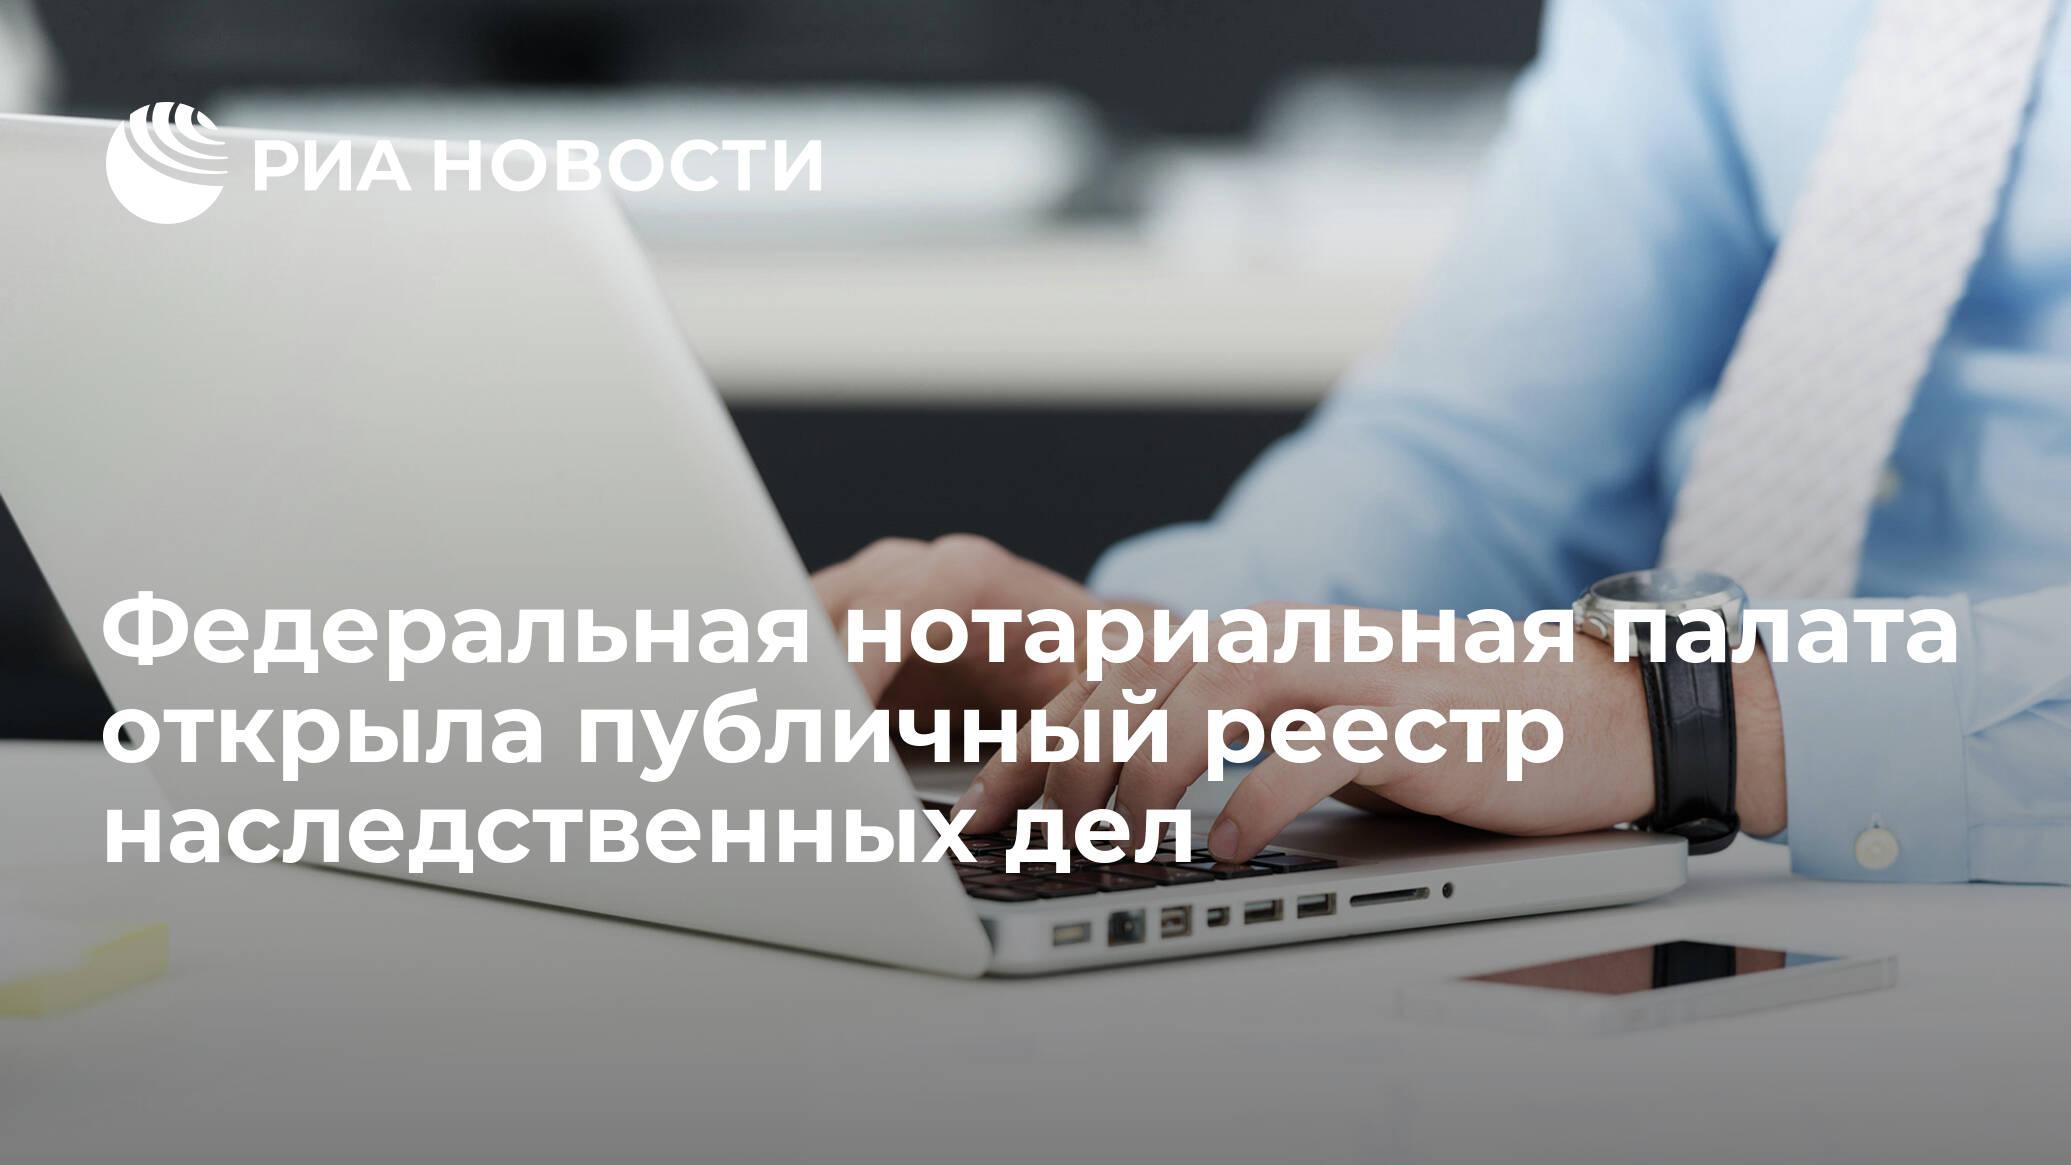 реестр наследственных дел единой информационной системы